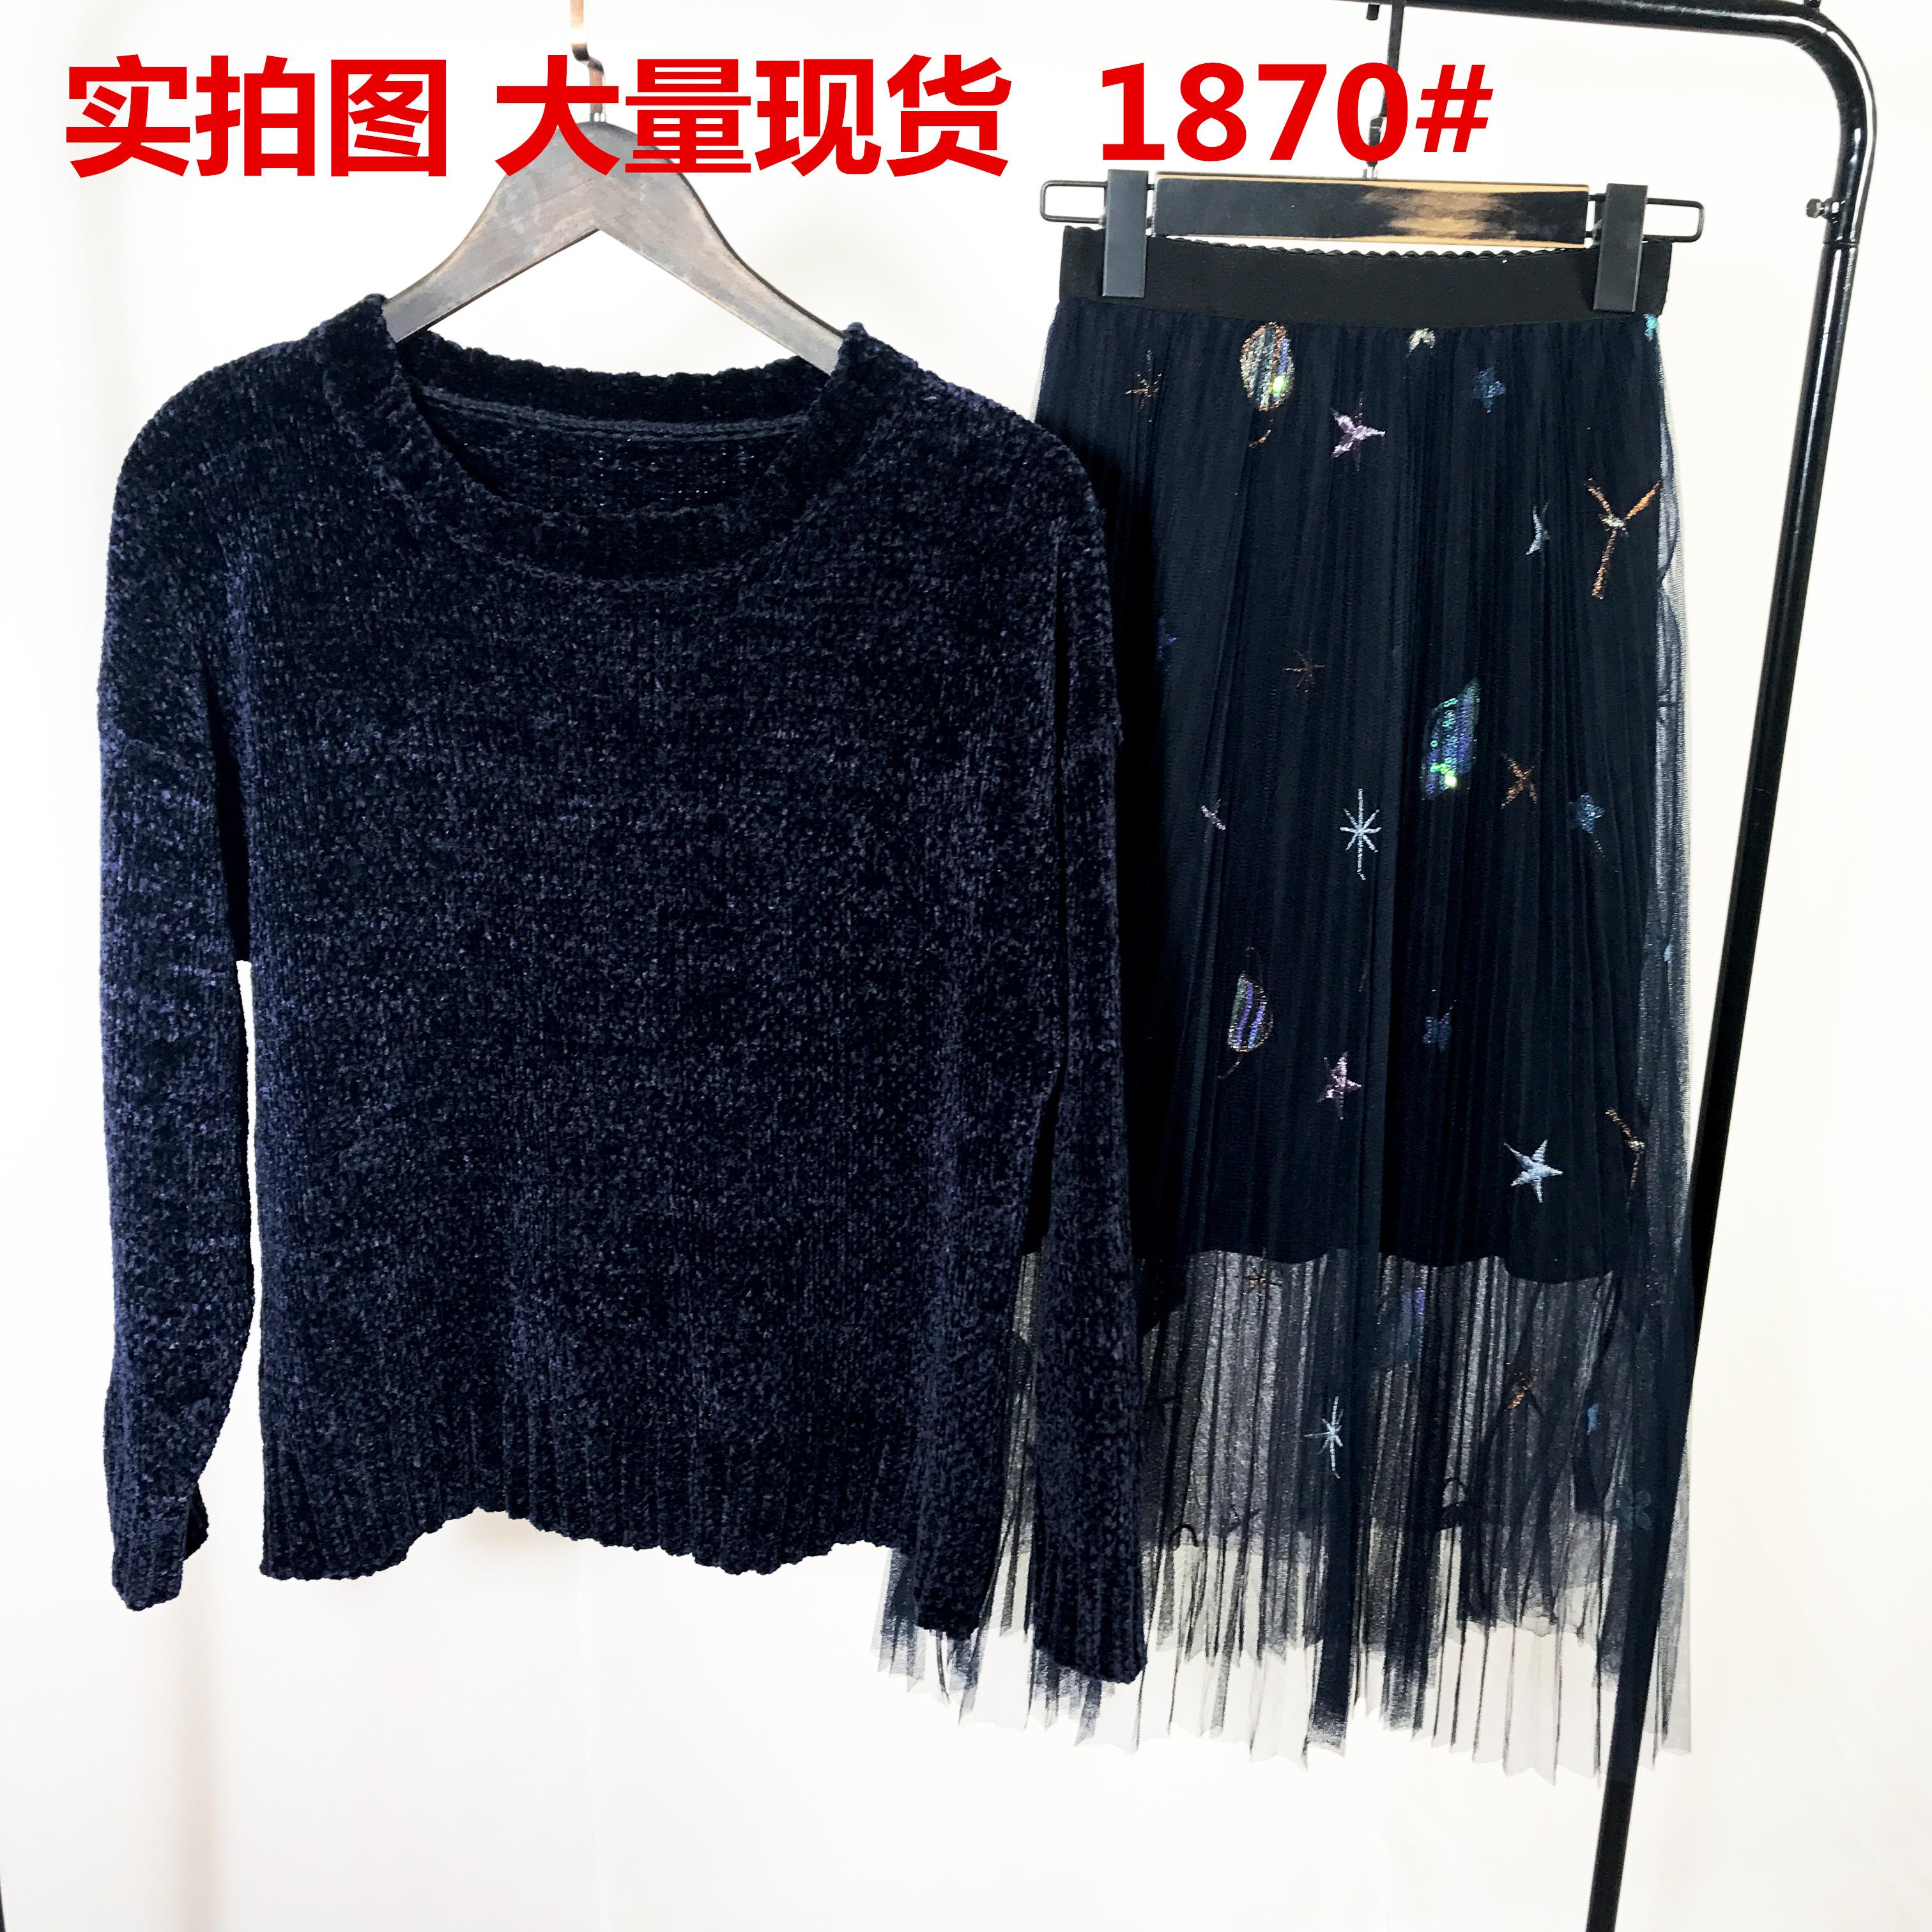 2018秋冬新款时髦毛衣搭配网纱半身裙两件套超仙港味大摆裙春套装